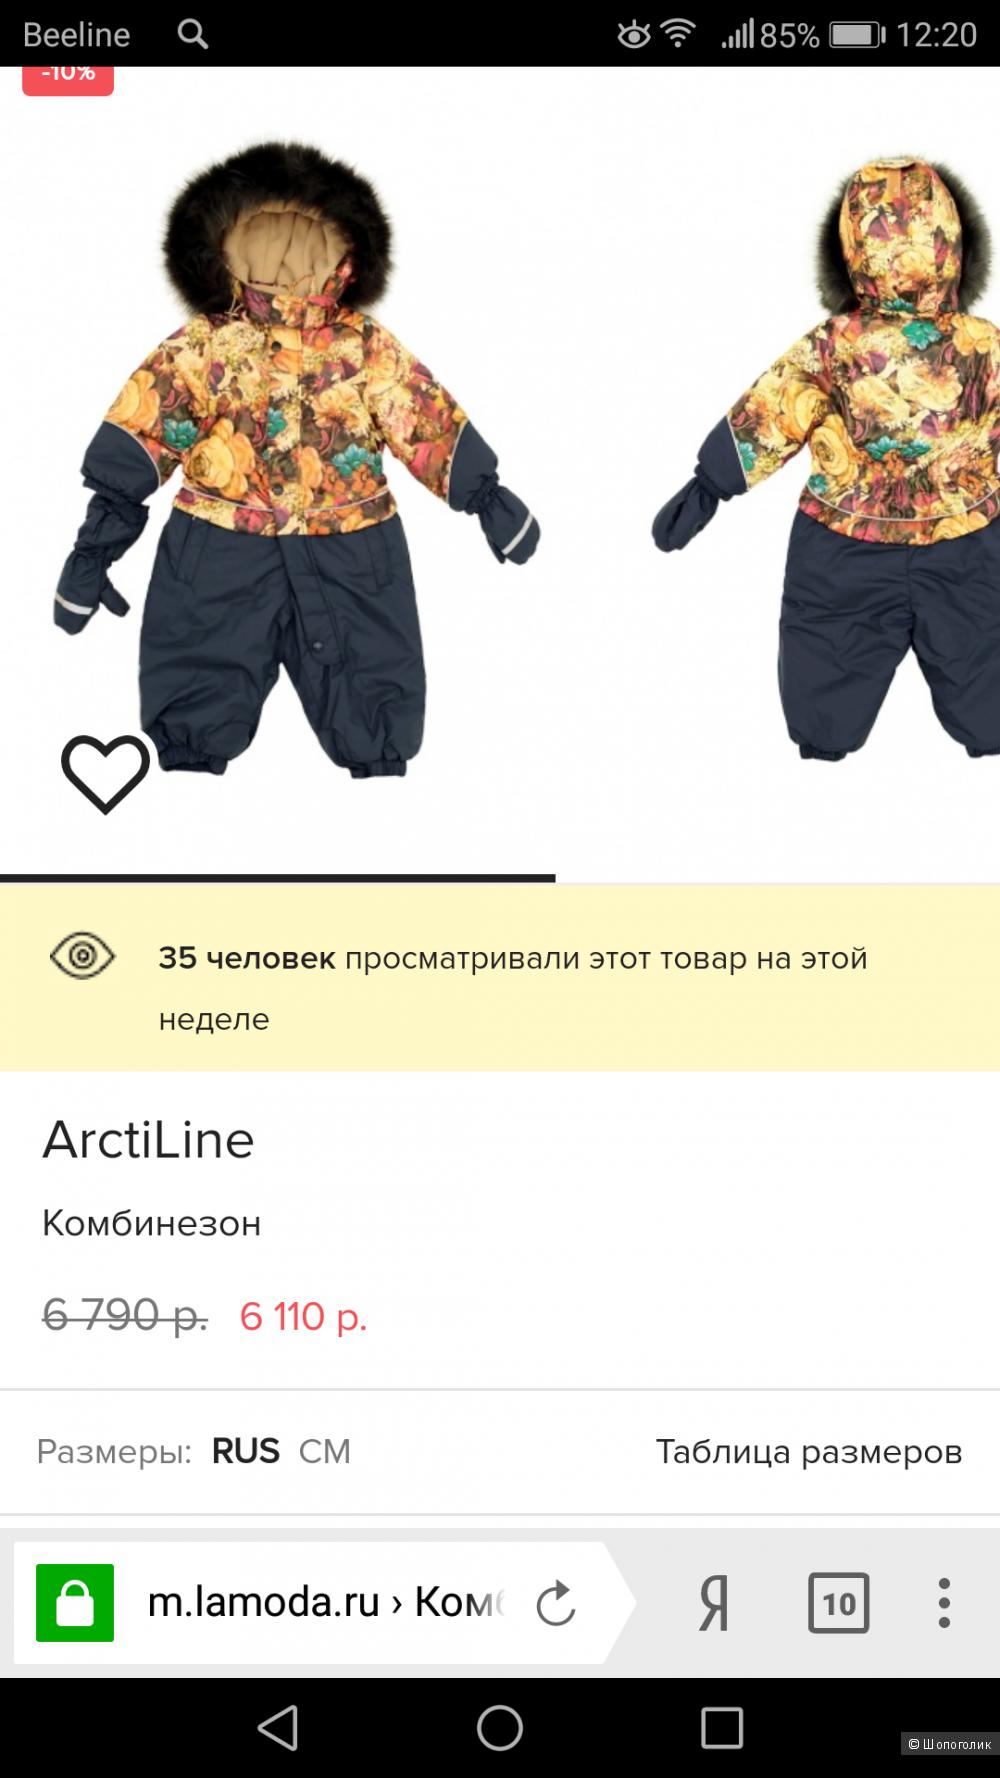 Комбинезон ArctiLine, размер 92